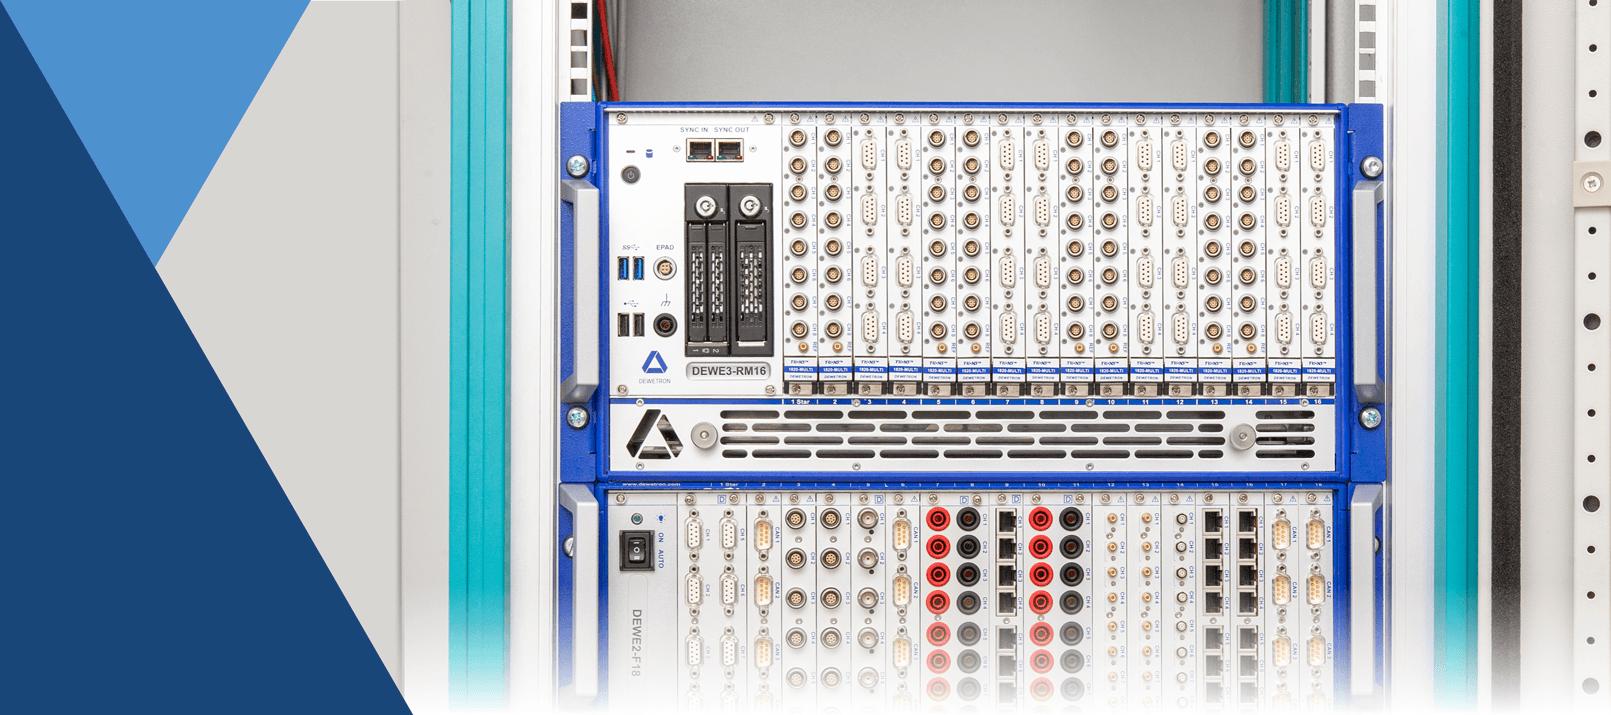 rack-mount-series-dewe3-rm